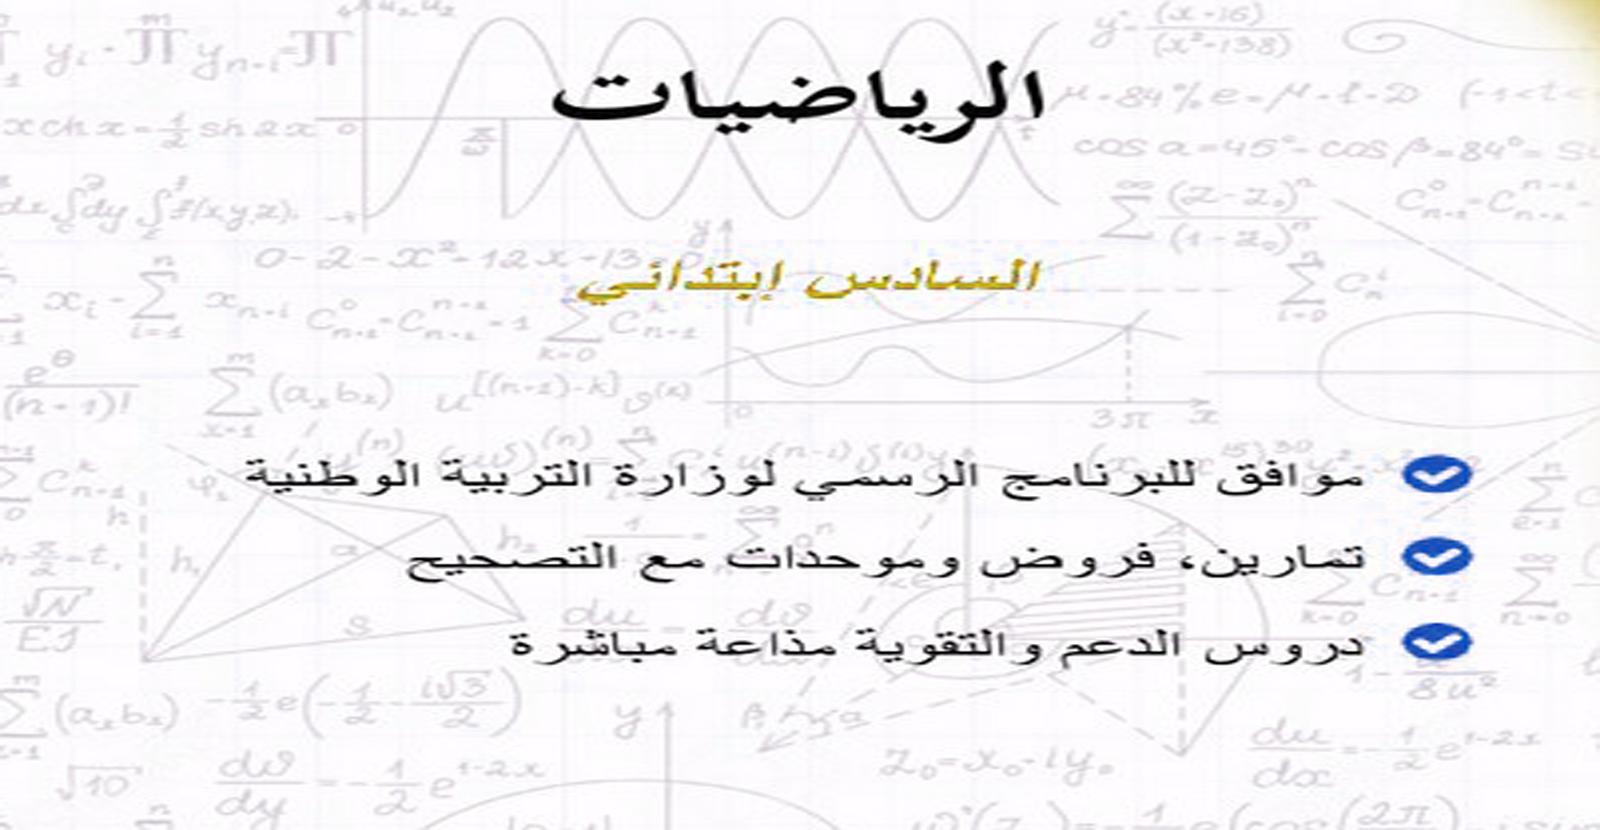 دروس ملخصات تمارين وامتحانات الرياضيات السادس ابتدائي